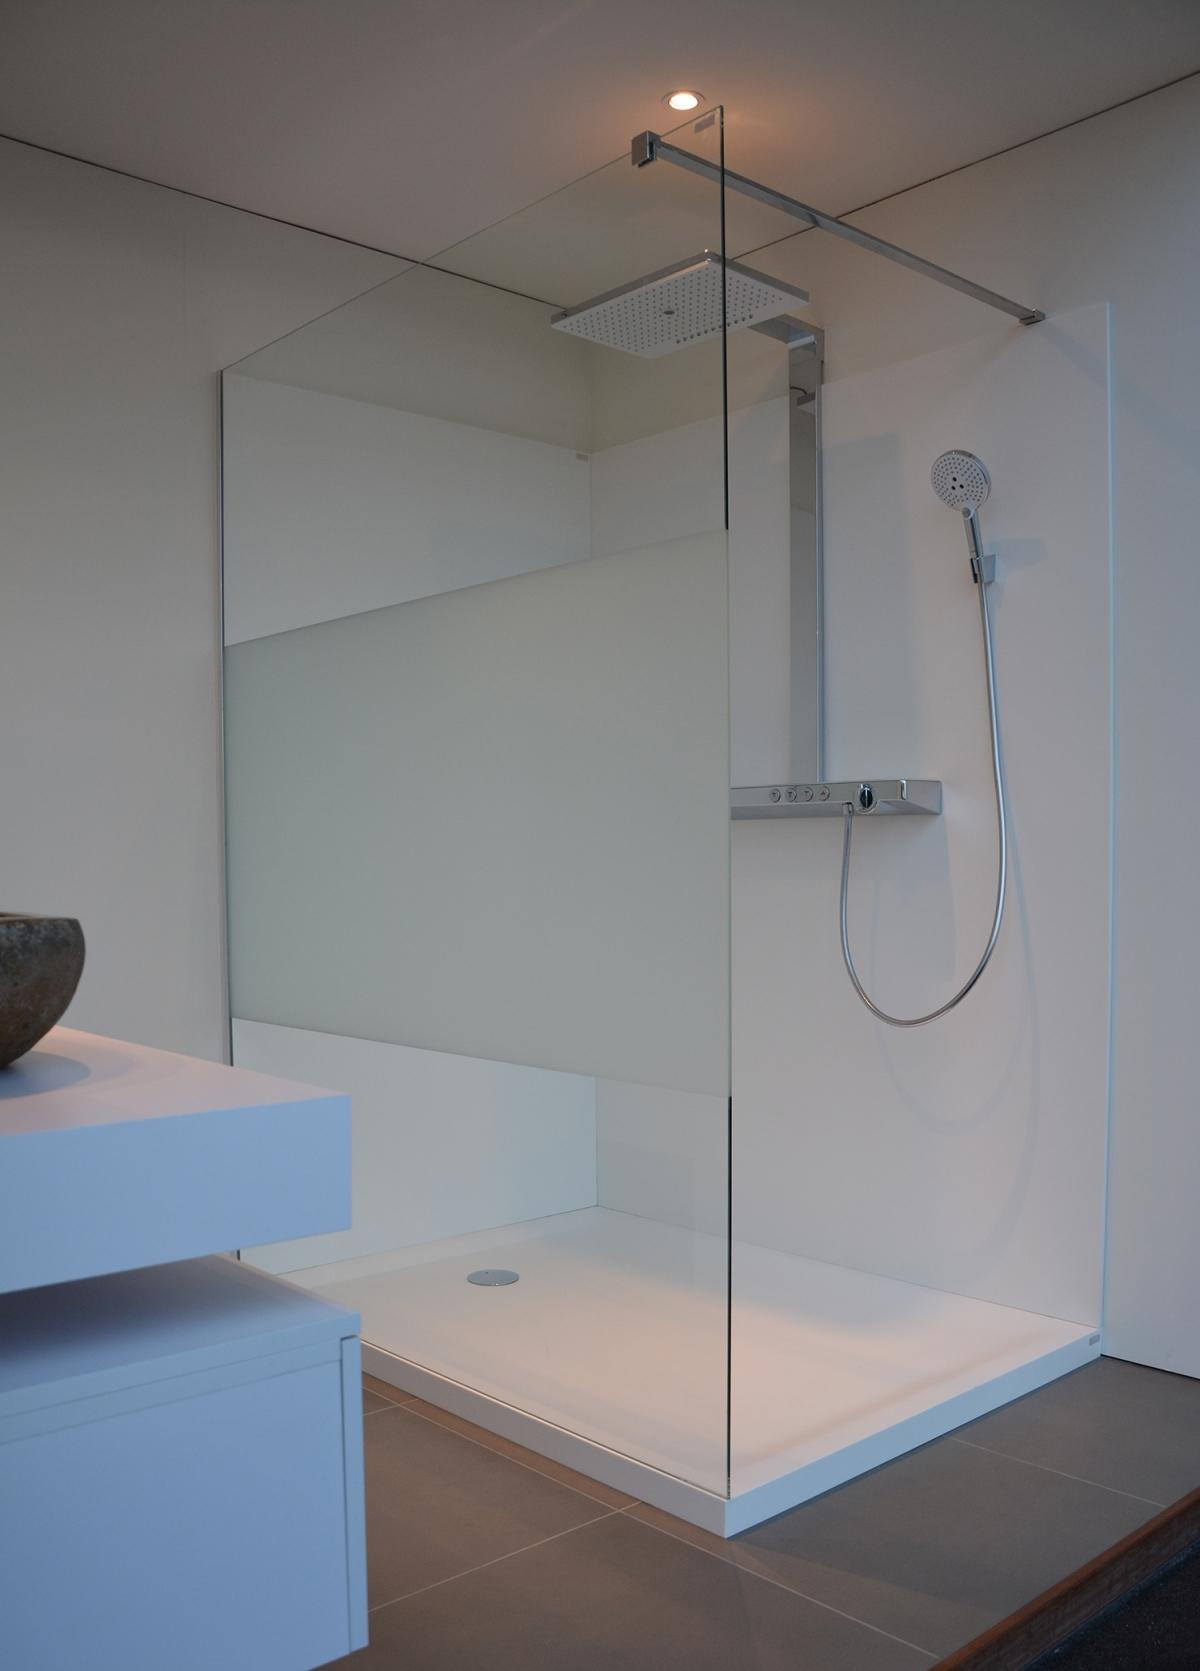 paroi de douche wall zenid induscabel salle de bains chauffage et cuisine. Black Bedroom Furniture Sets. Home Design Ideas